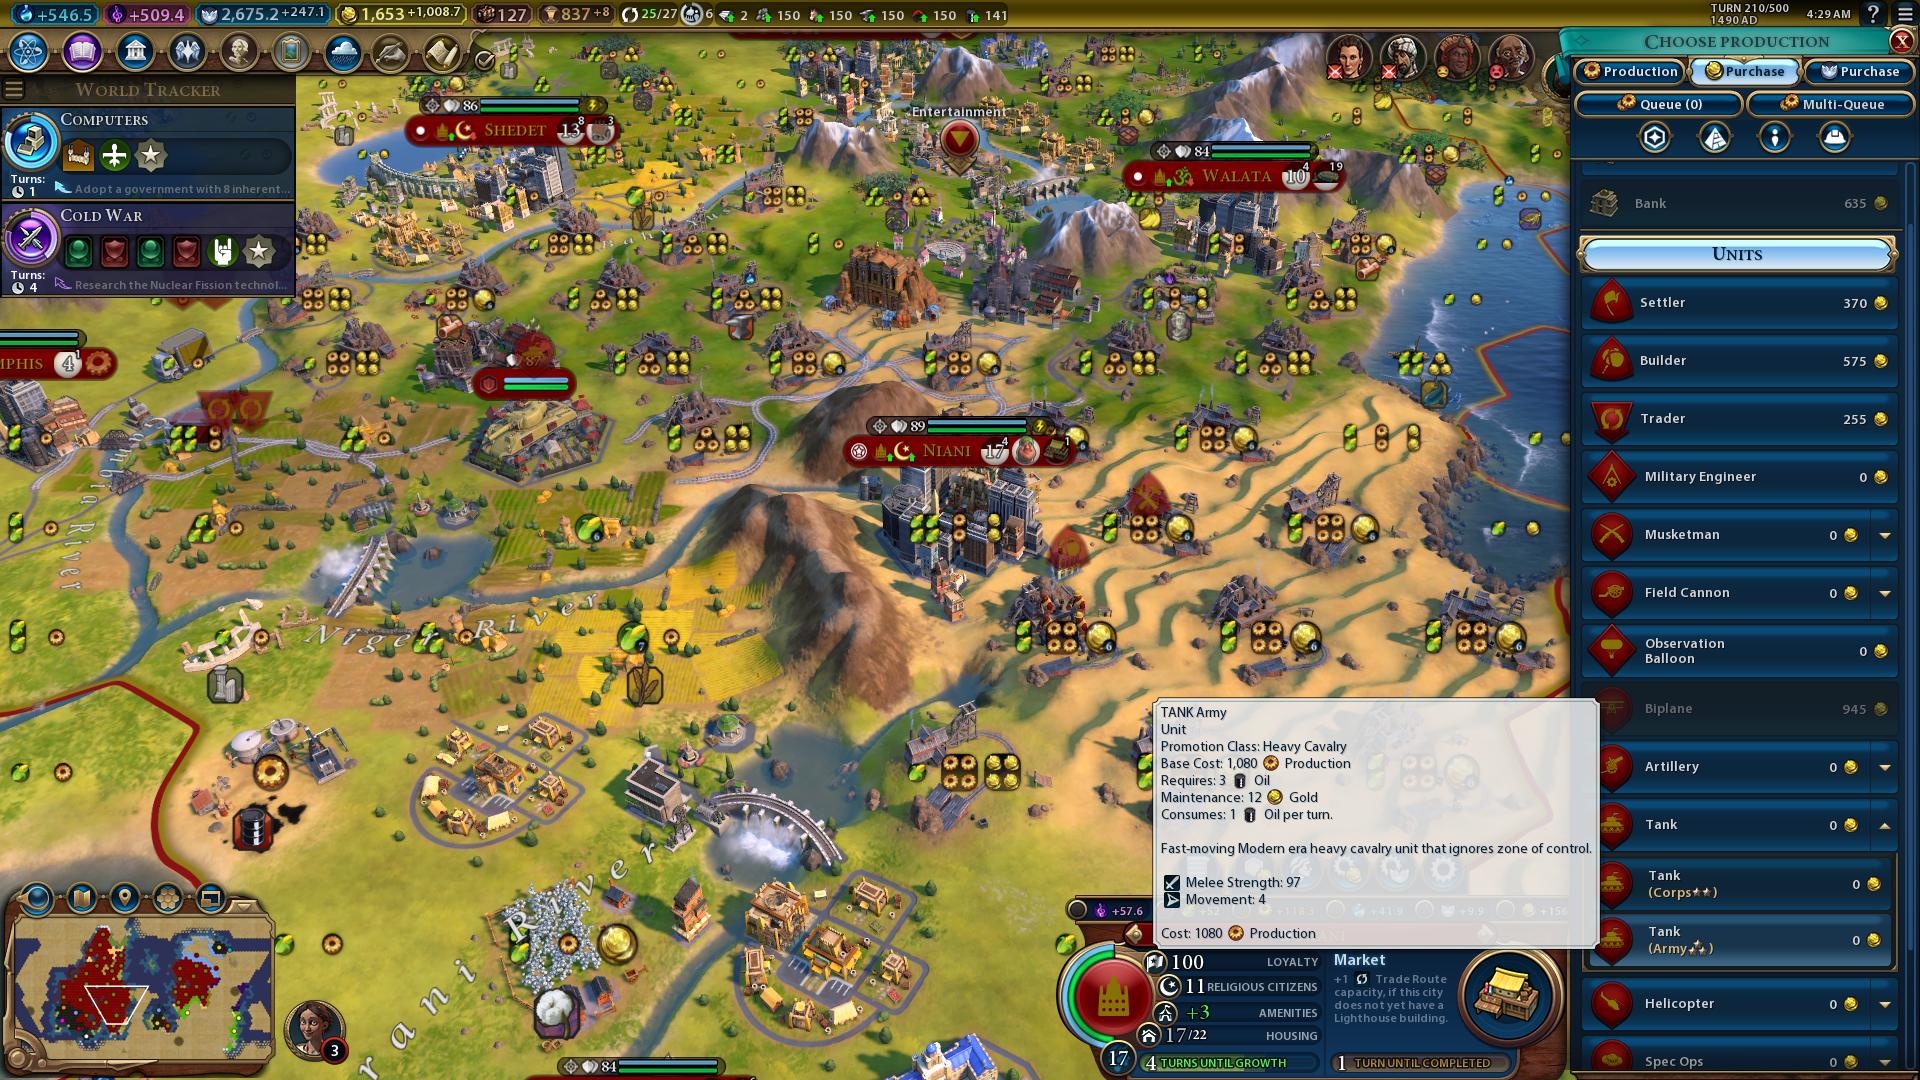 Sid Meier's Civilization VI (DX11) 3_16_2019 4_29_59 AM.png